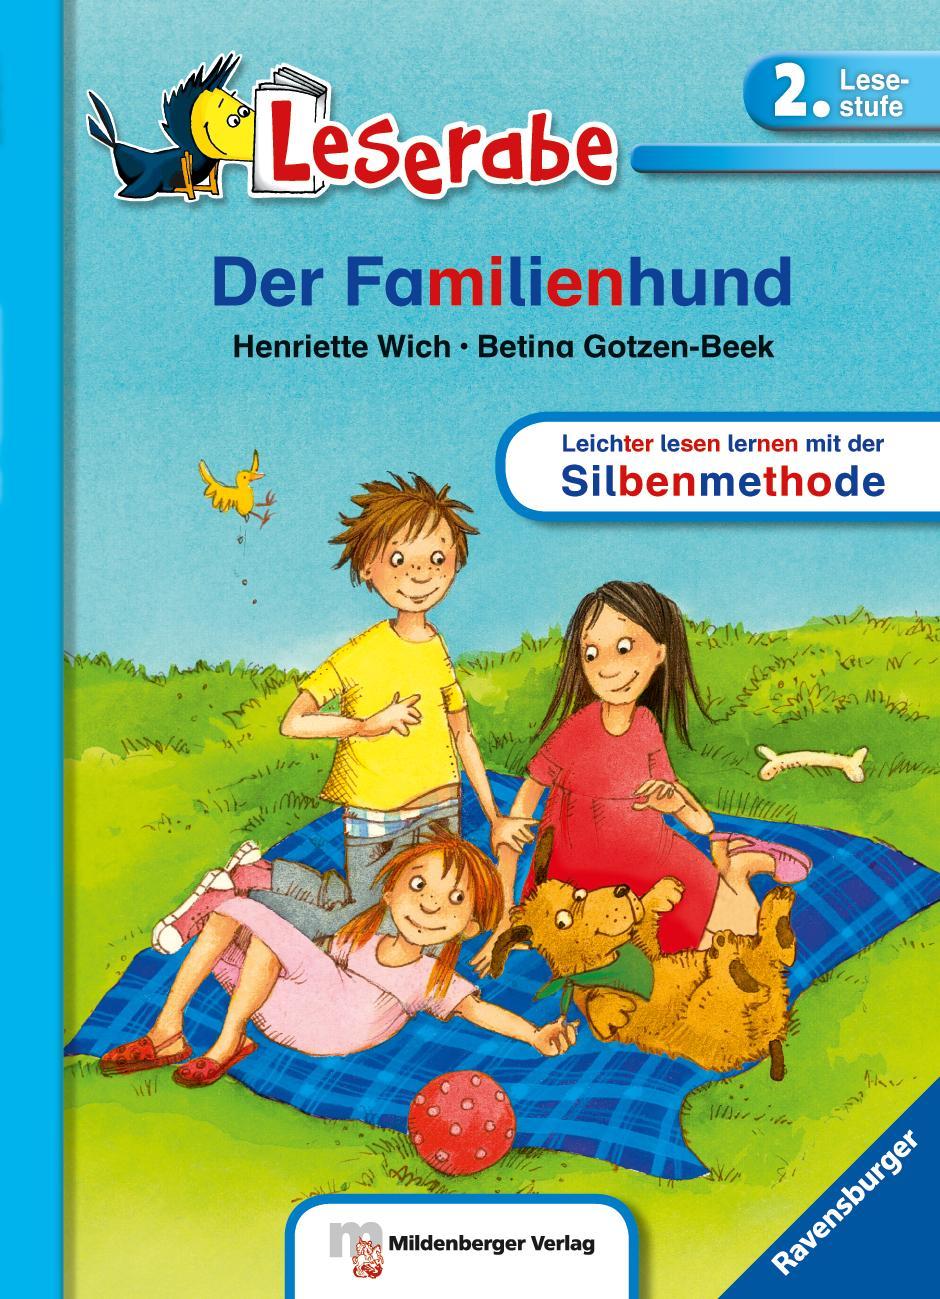 Der Familienhund, Henriette Wich